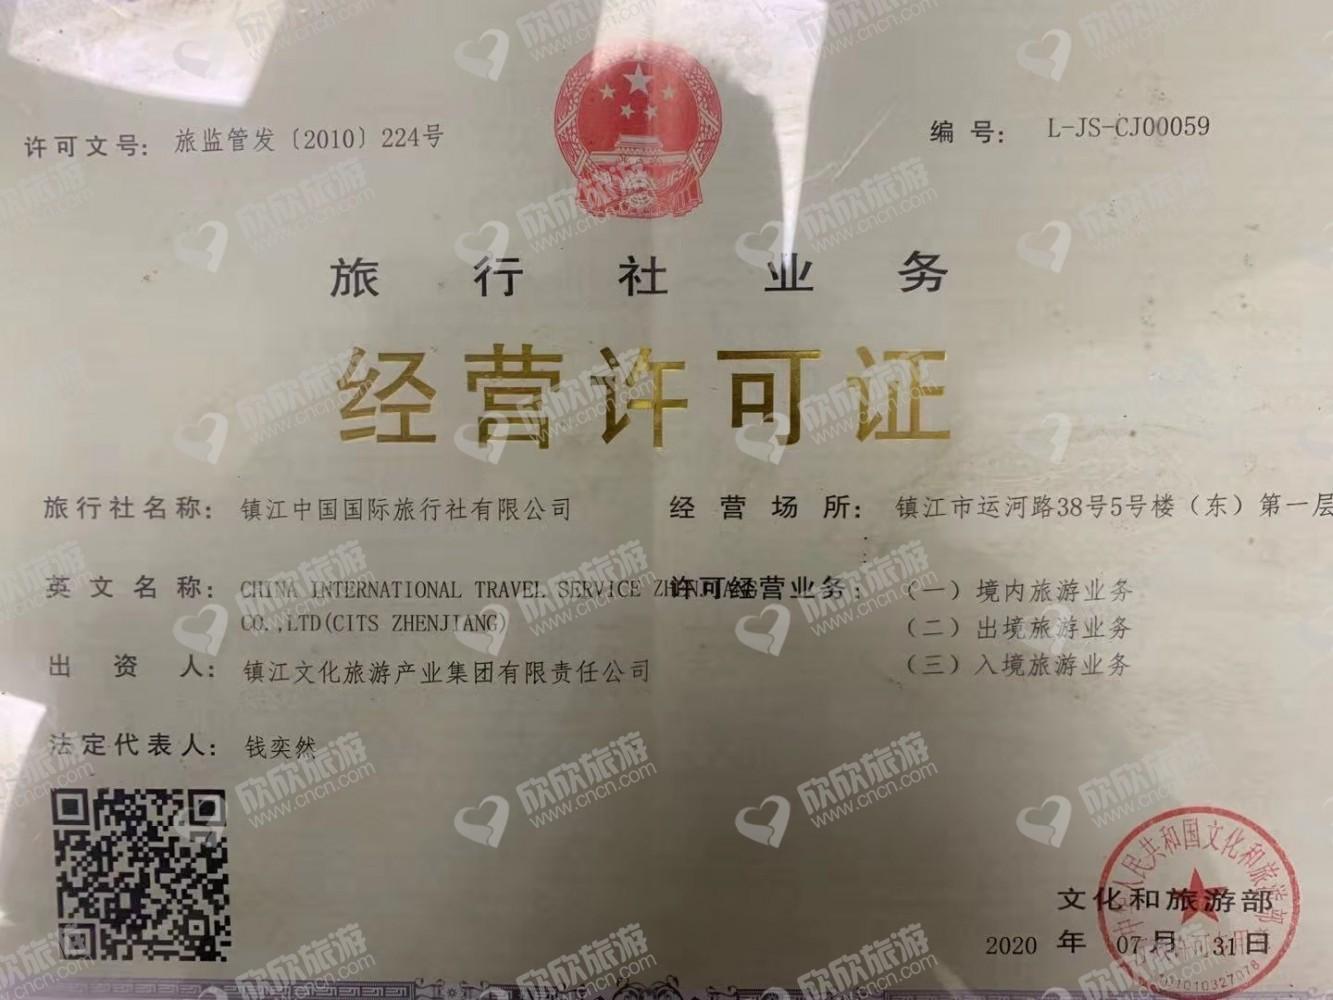 镇江中国国际旅行社中山东路营业部经营许可证